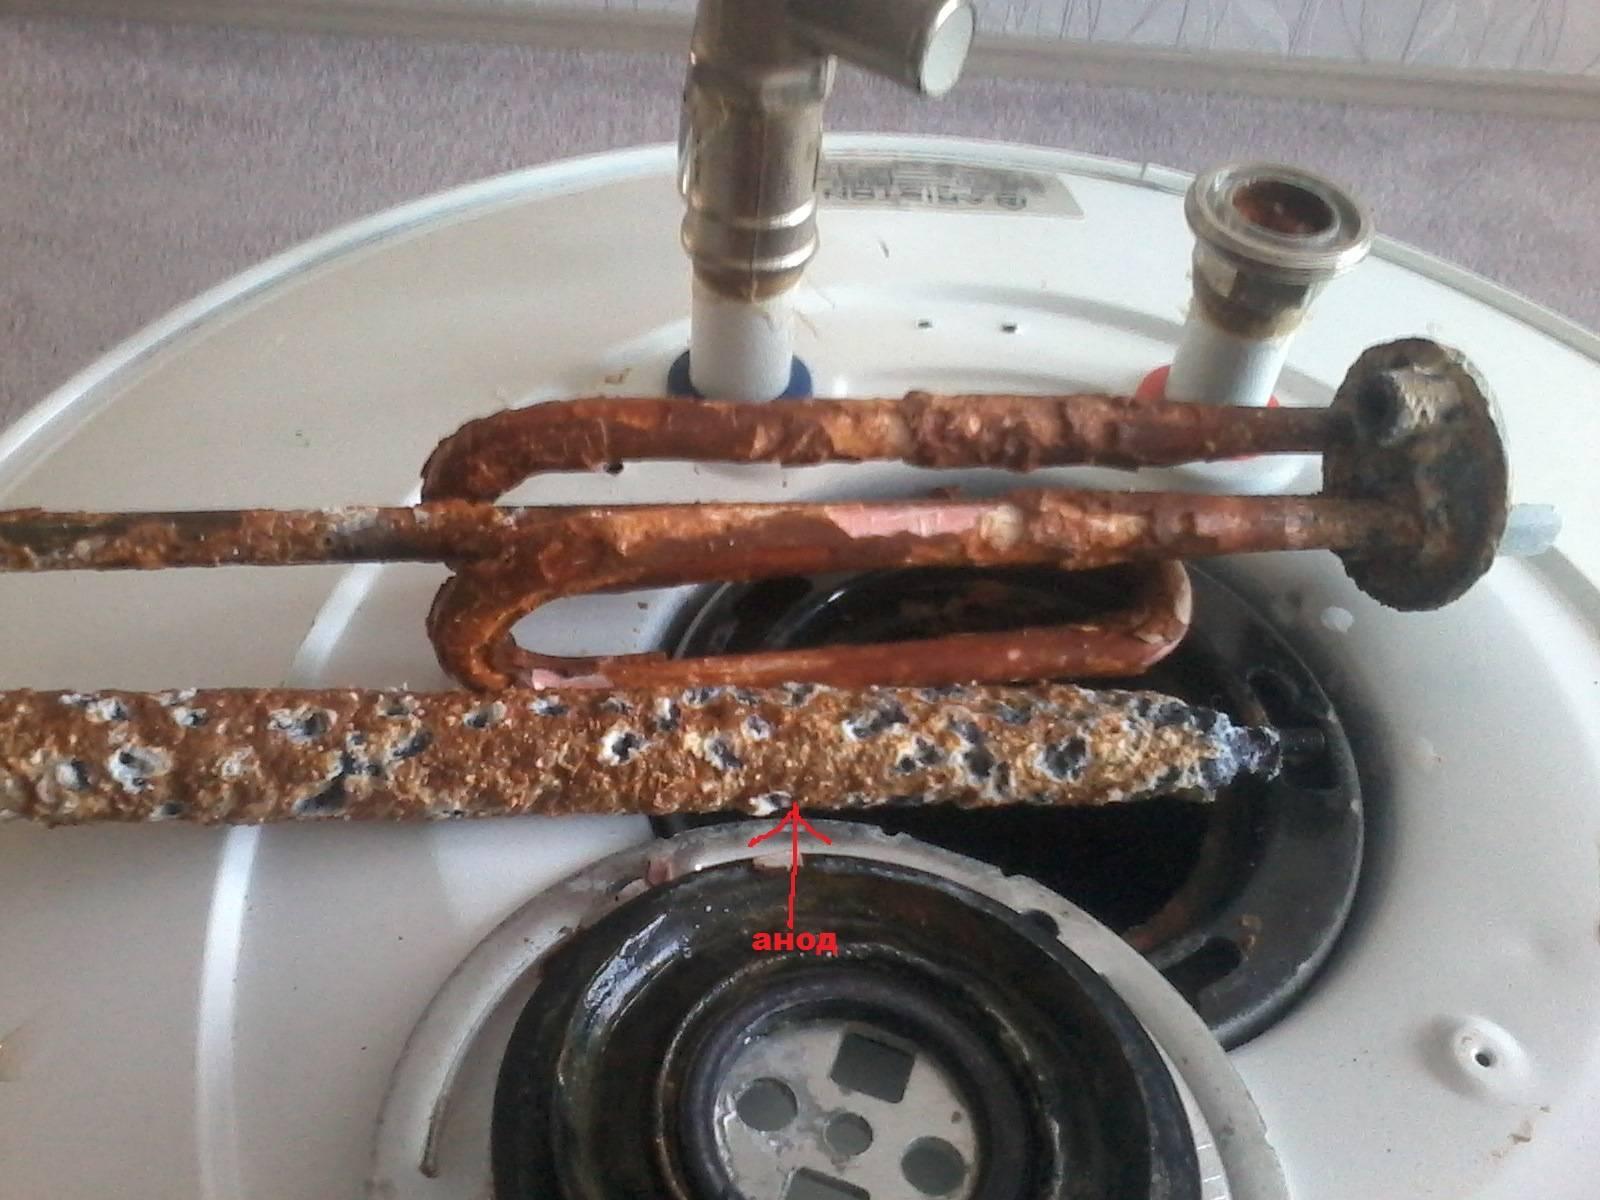 Чистка водонагревателя от накипи в домашних условиях: советы и рекомендации